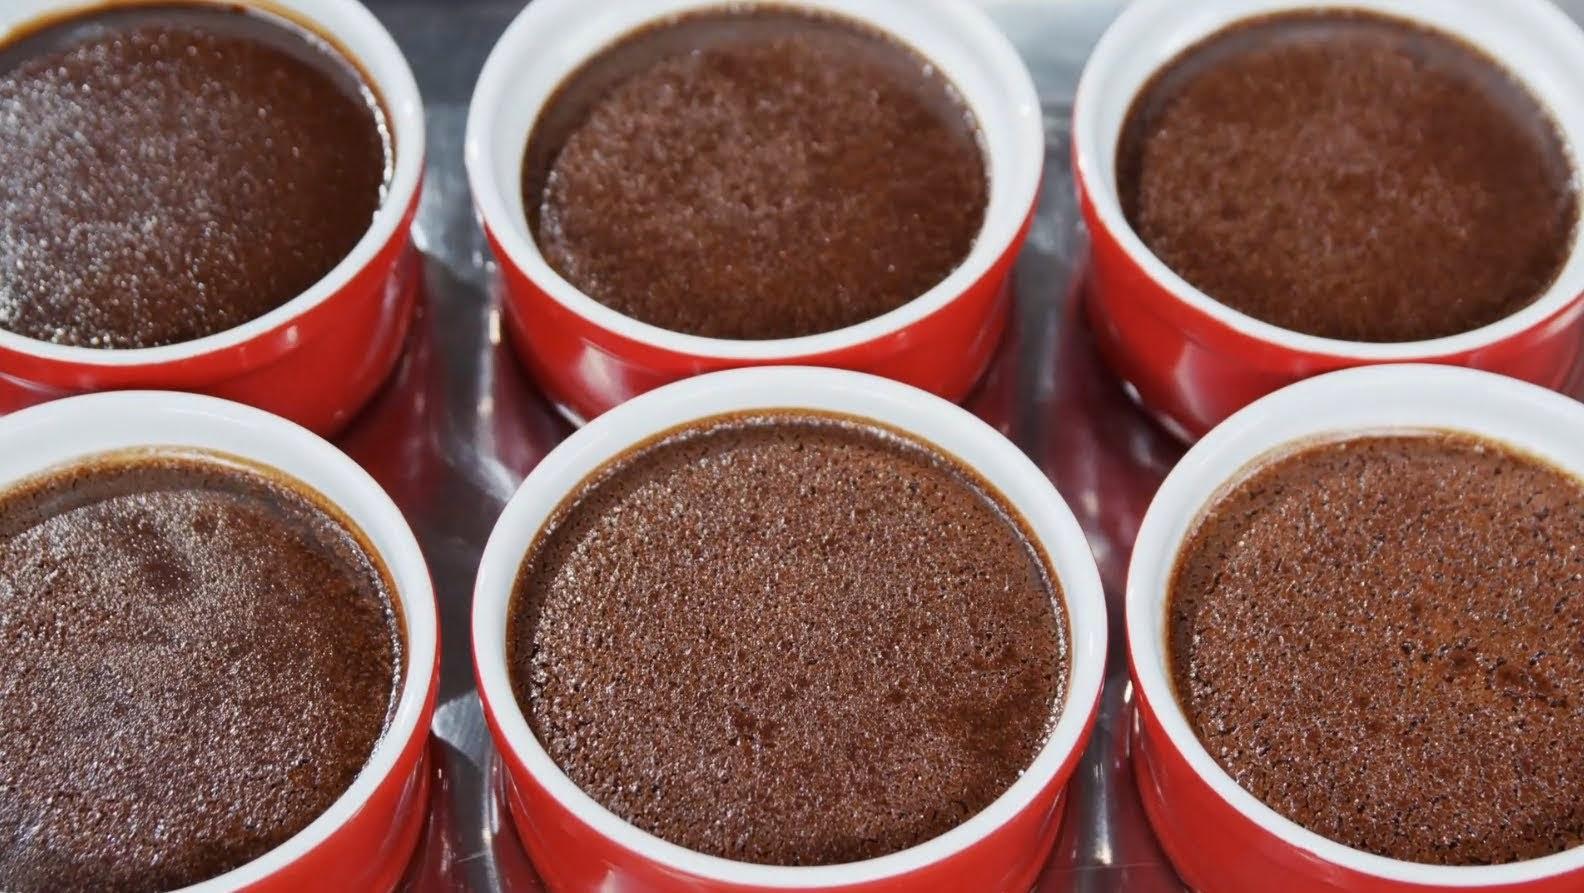 طريقة عمل كريمة الكاسترد بالشوكولا